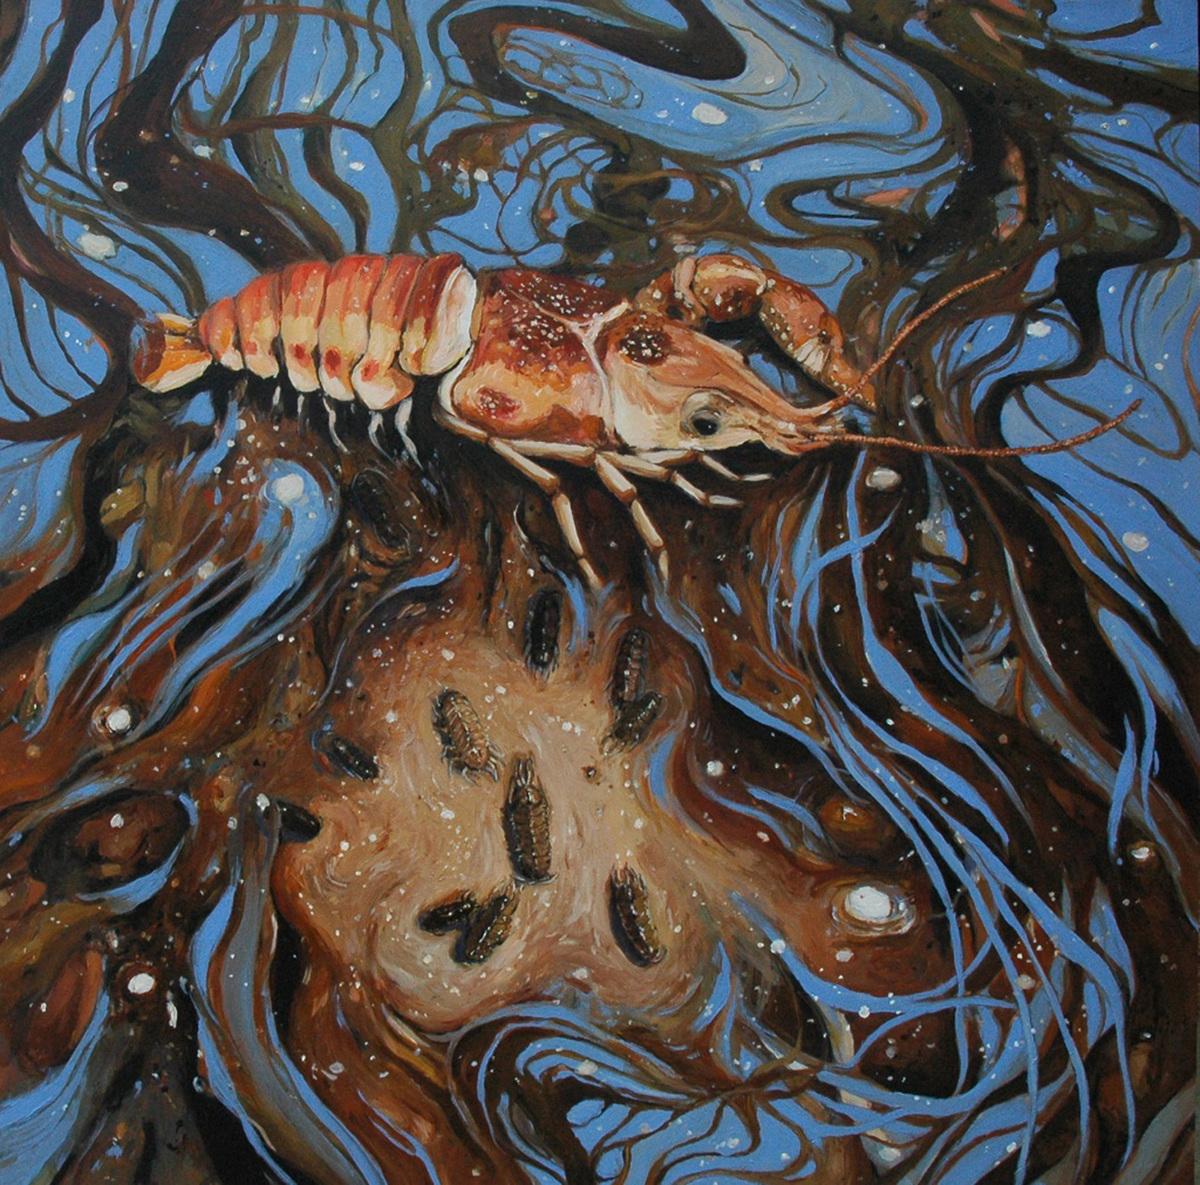 Crayfish Family - Acrylic on Wood, 2016 (large view)